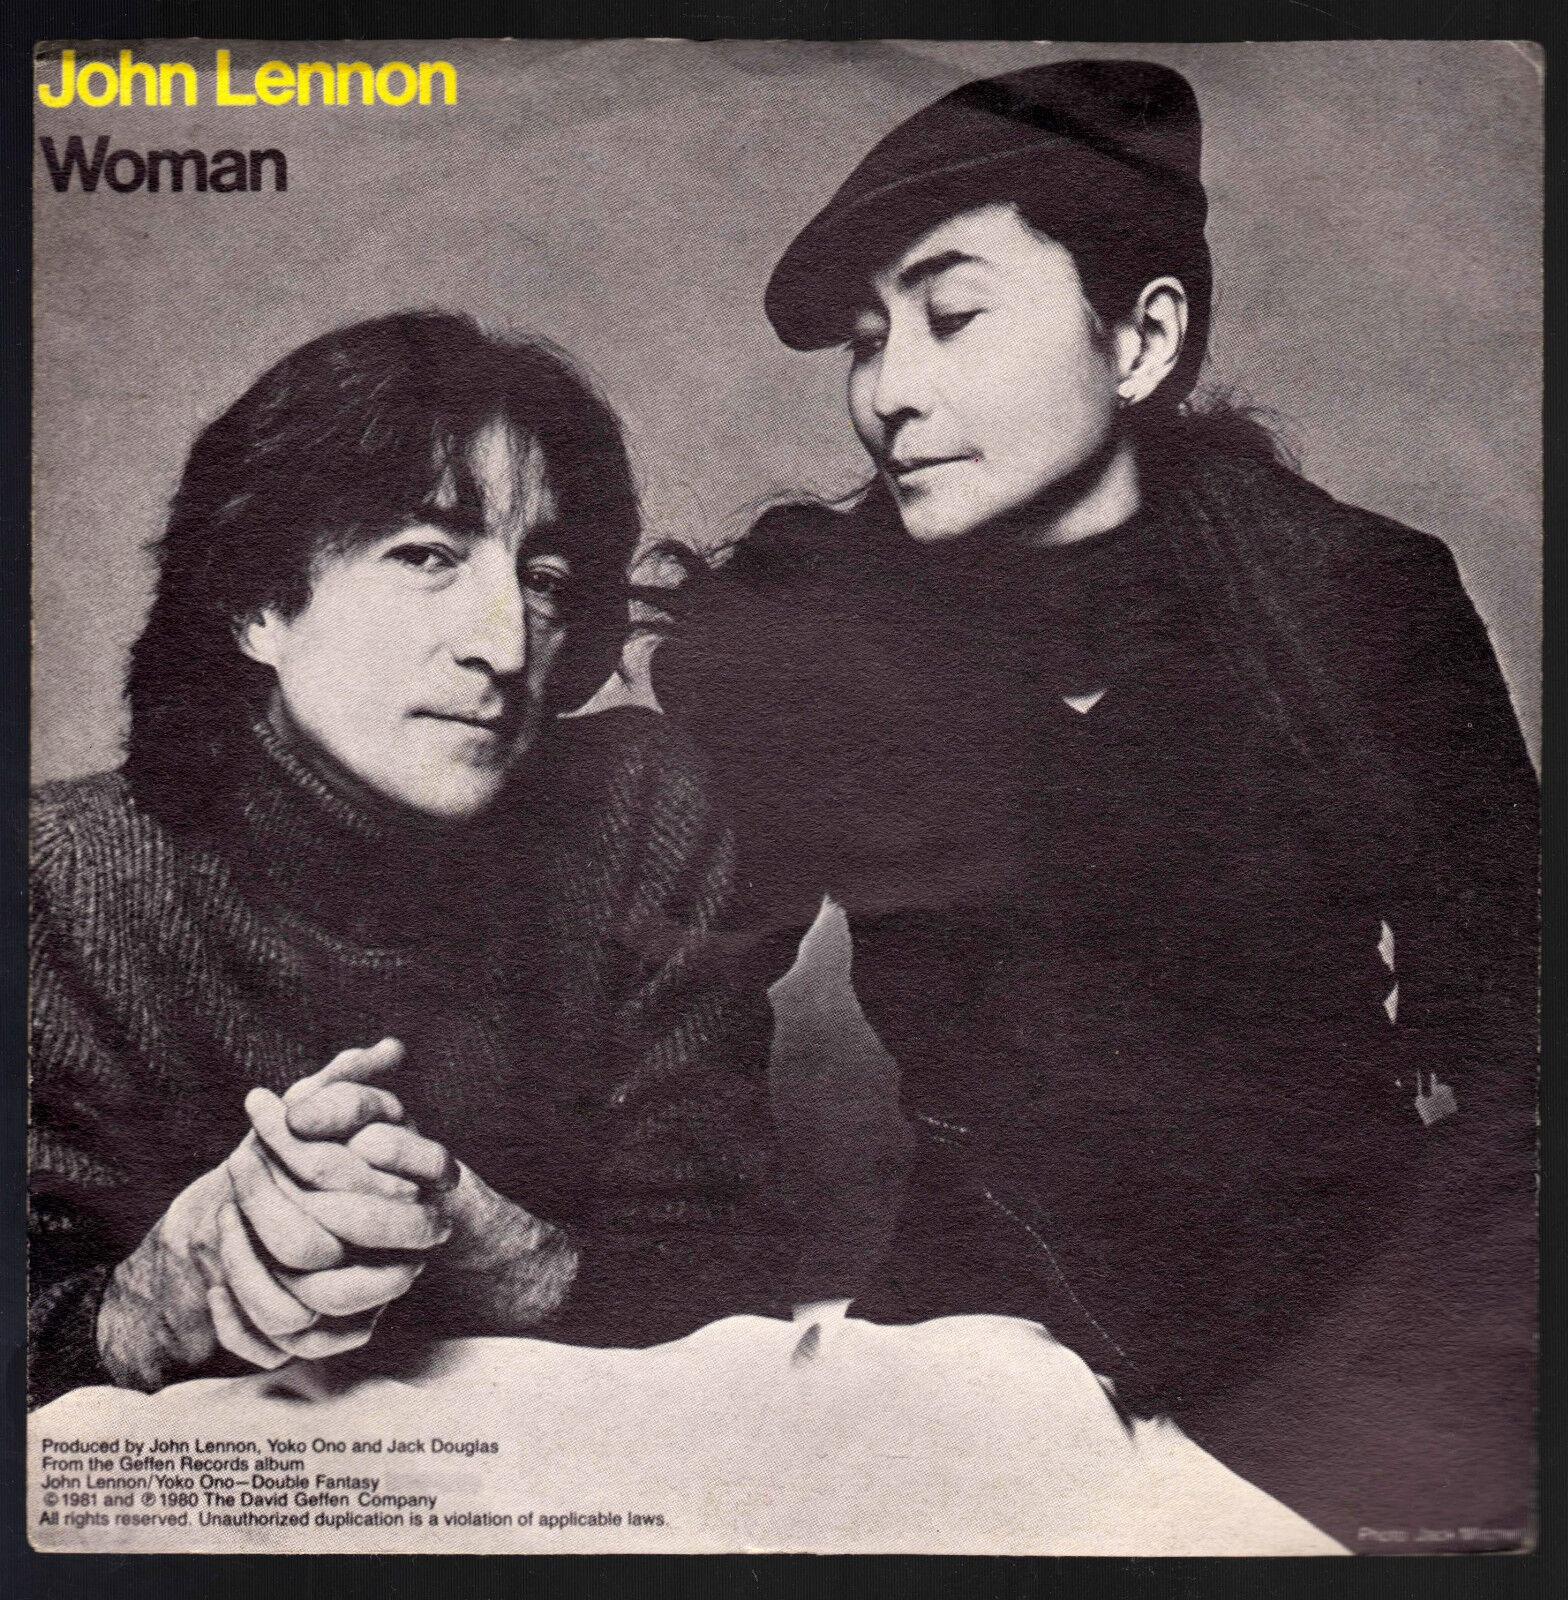 Woman (Foto: John Lennon)